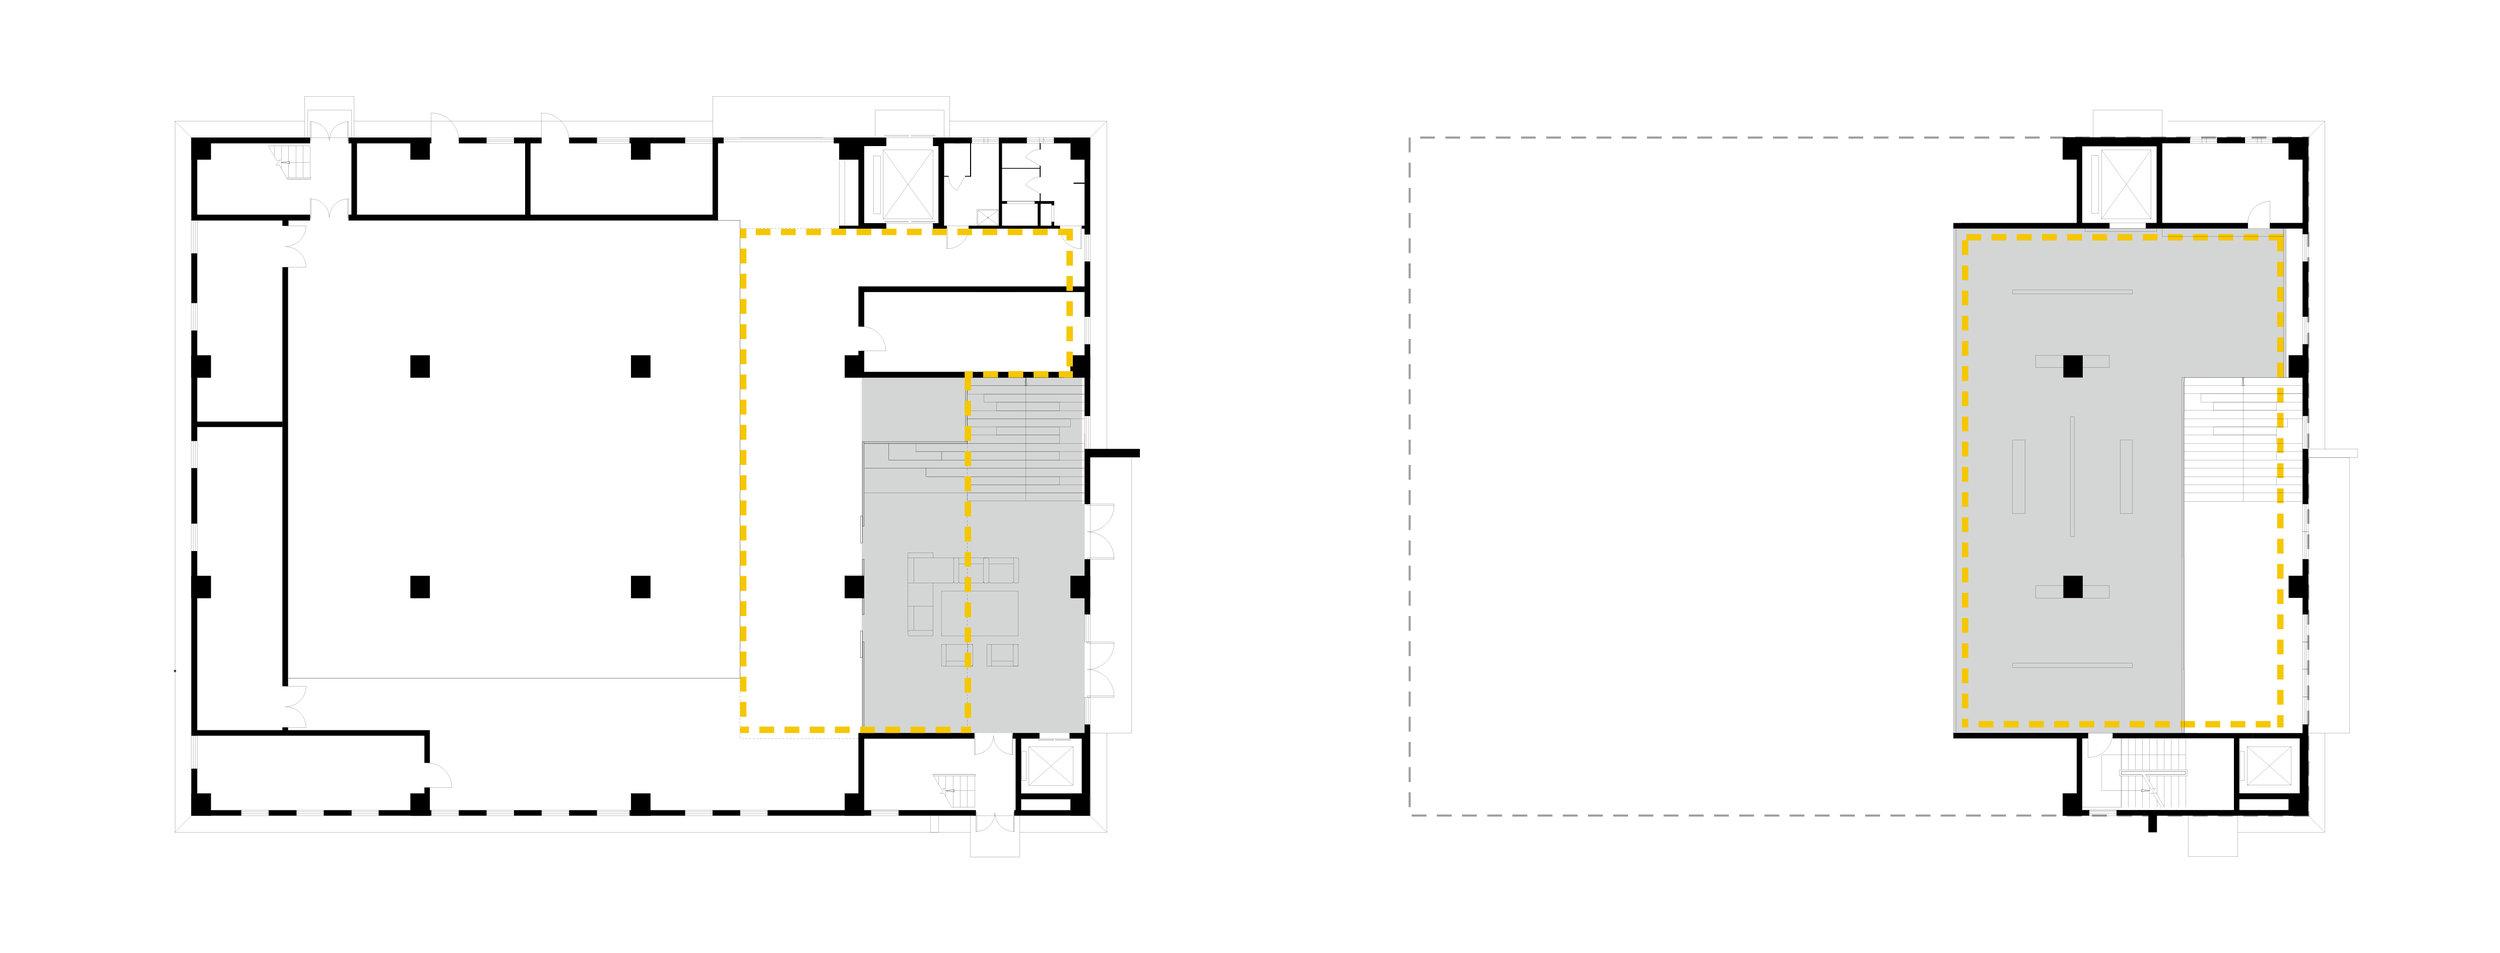 Ground Floor - Mezzanine